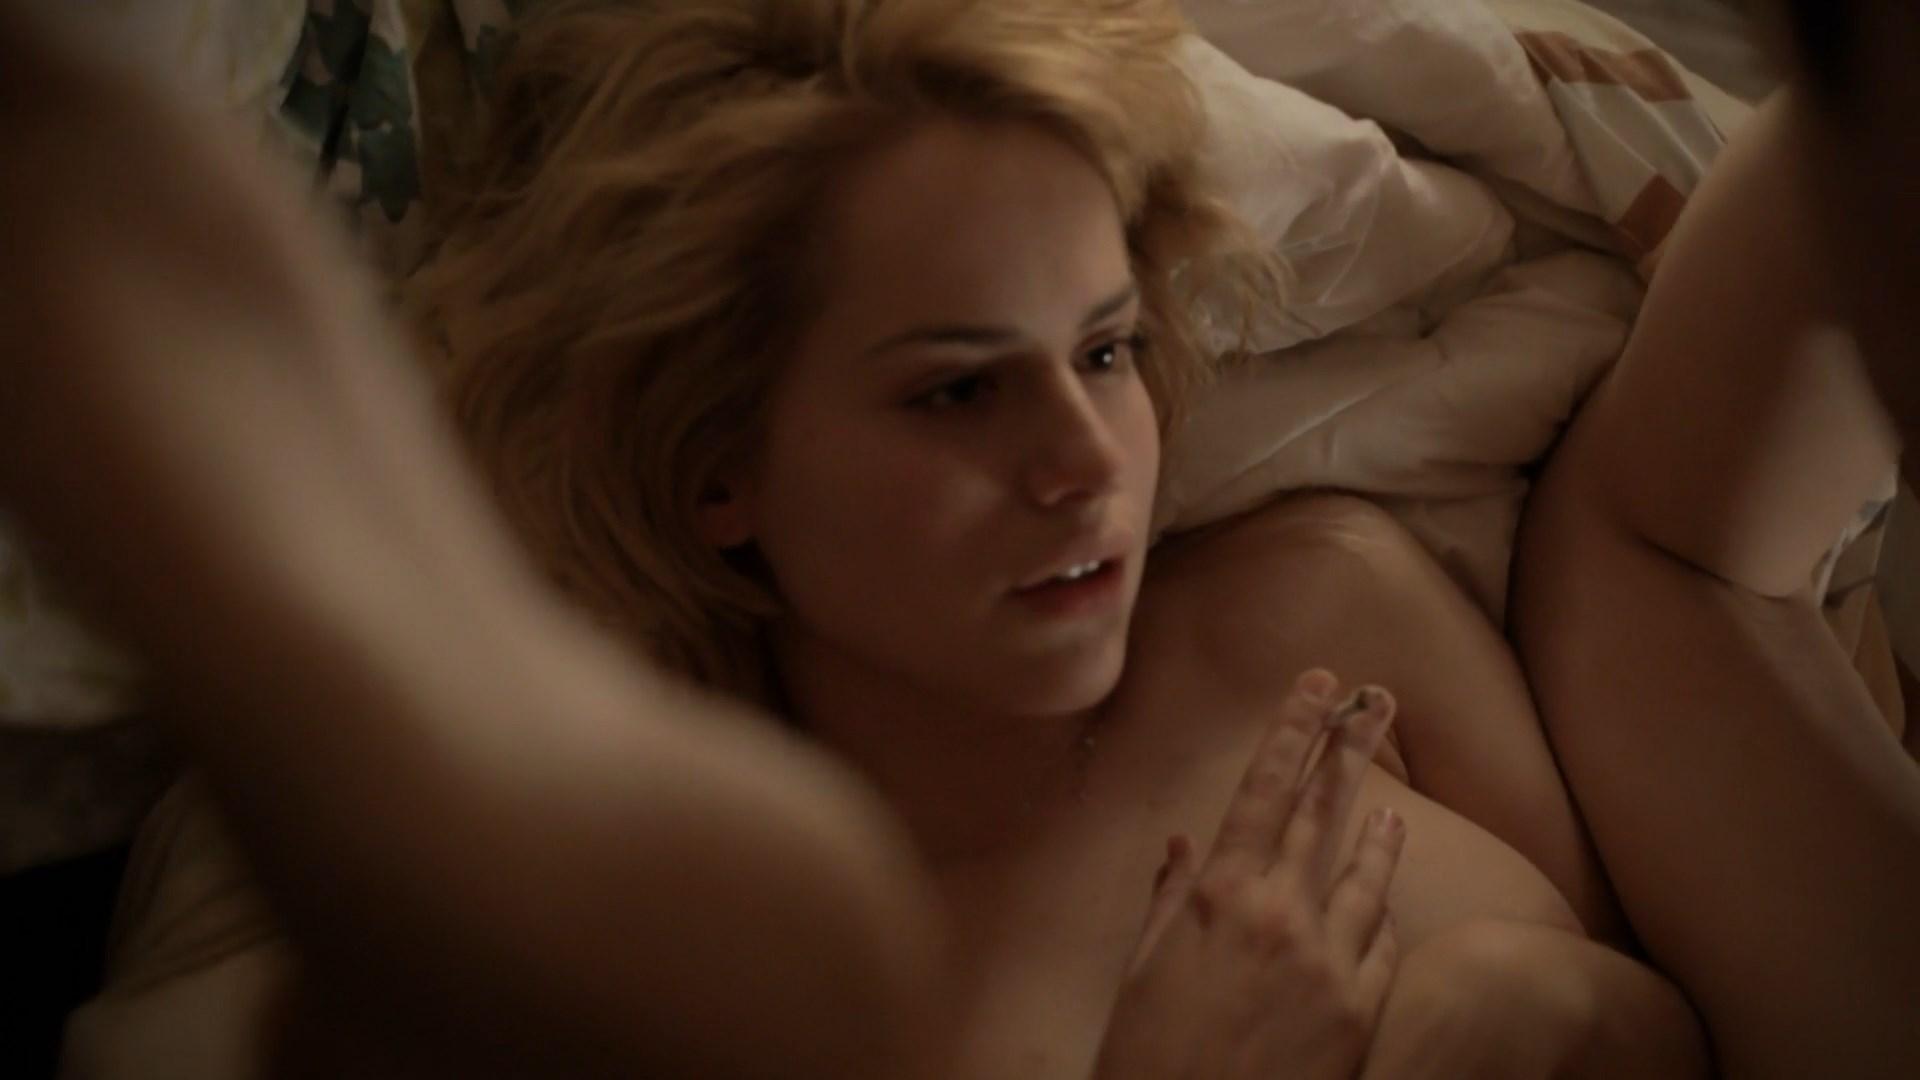 Clara schöne nackt